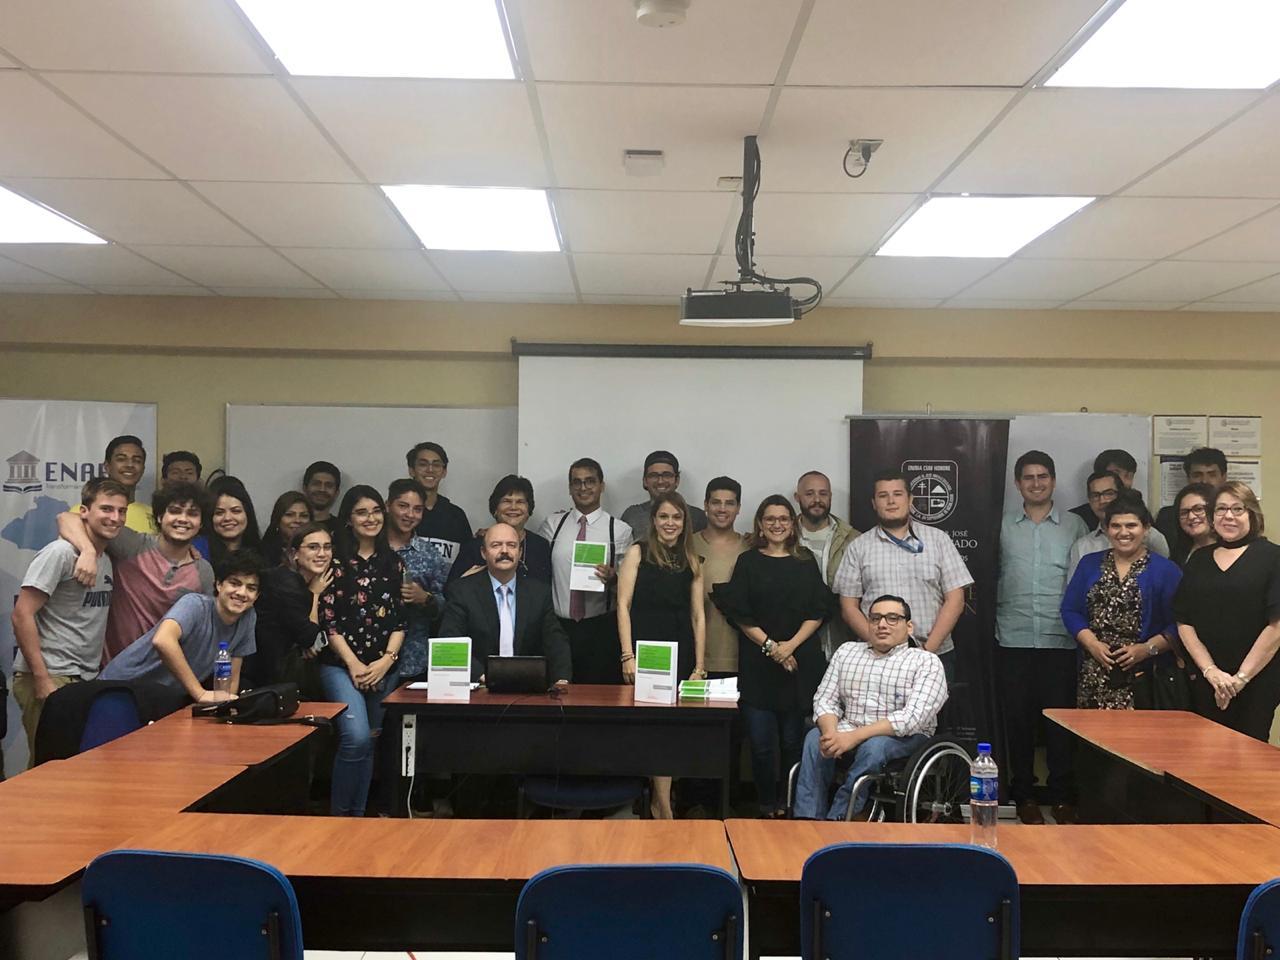 Parte de la audiencia del evento de la Universidad José Matías Delgado